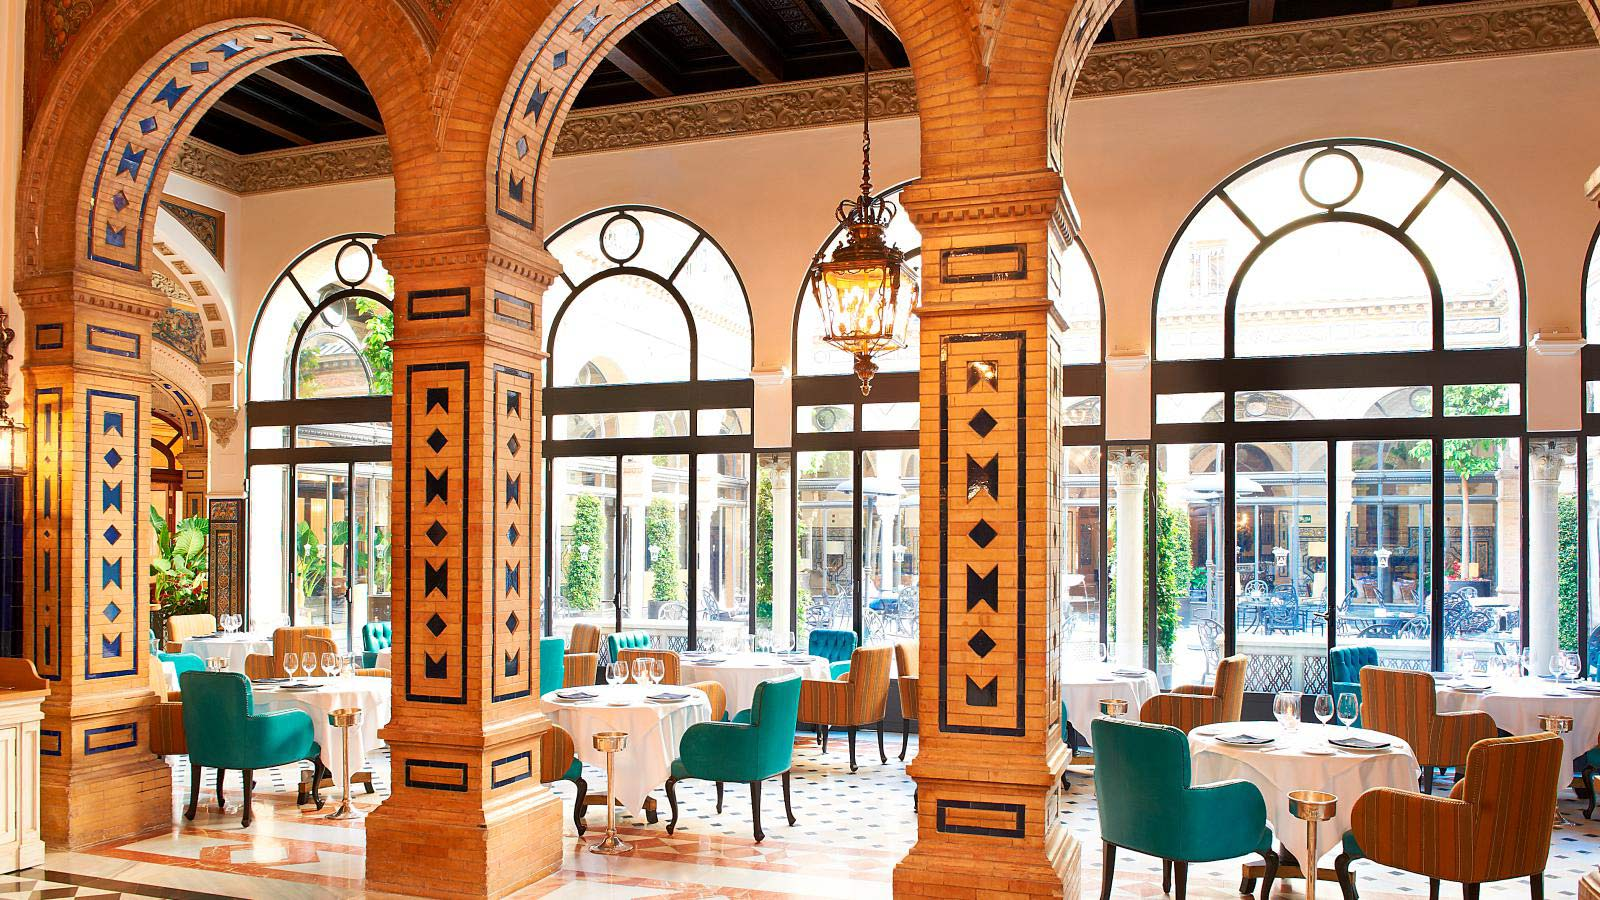 El restaurante San Fernando rodea un relajante patio andaluz.